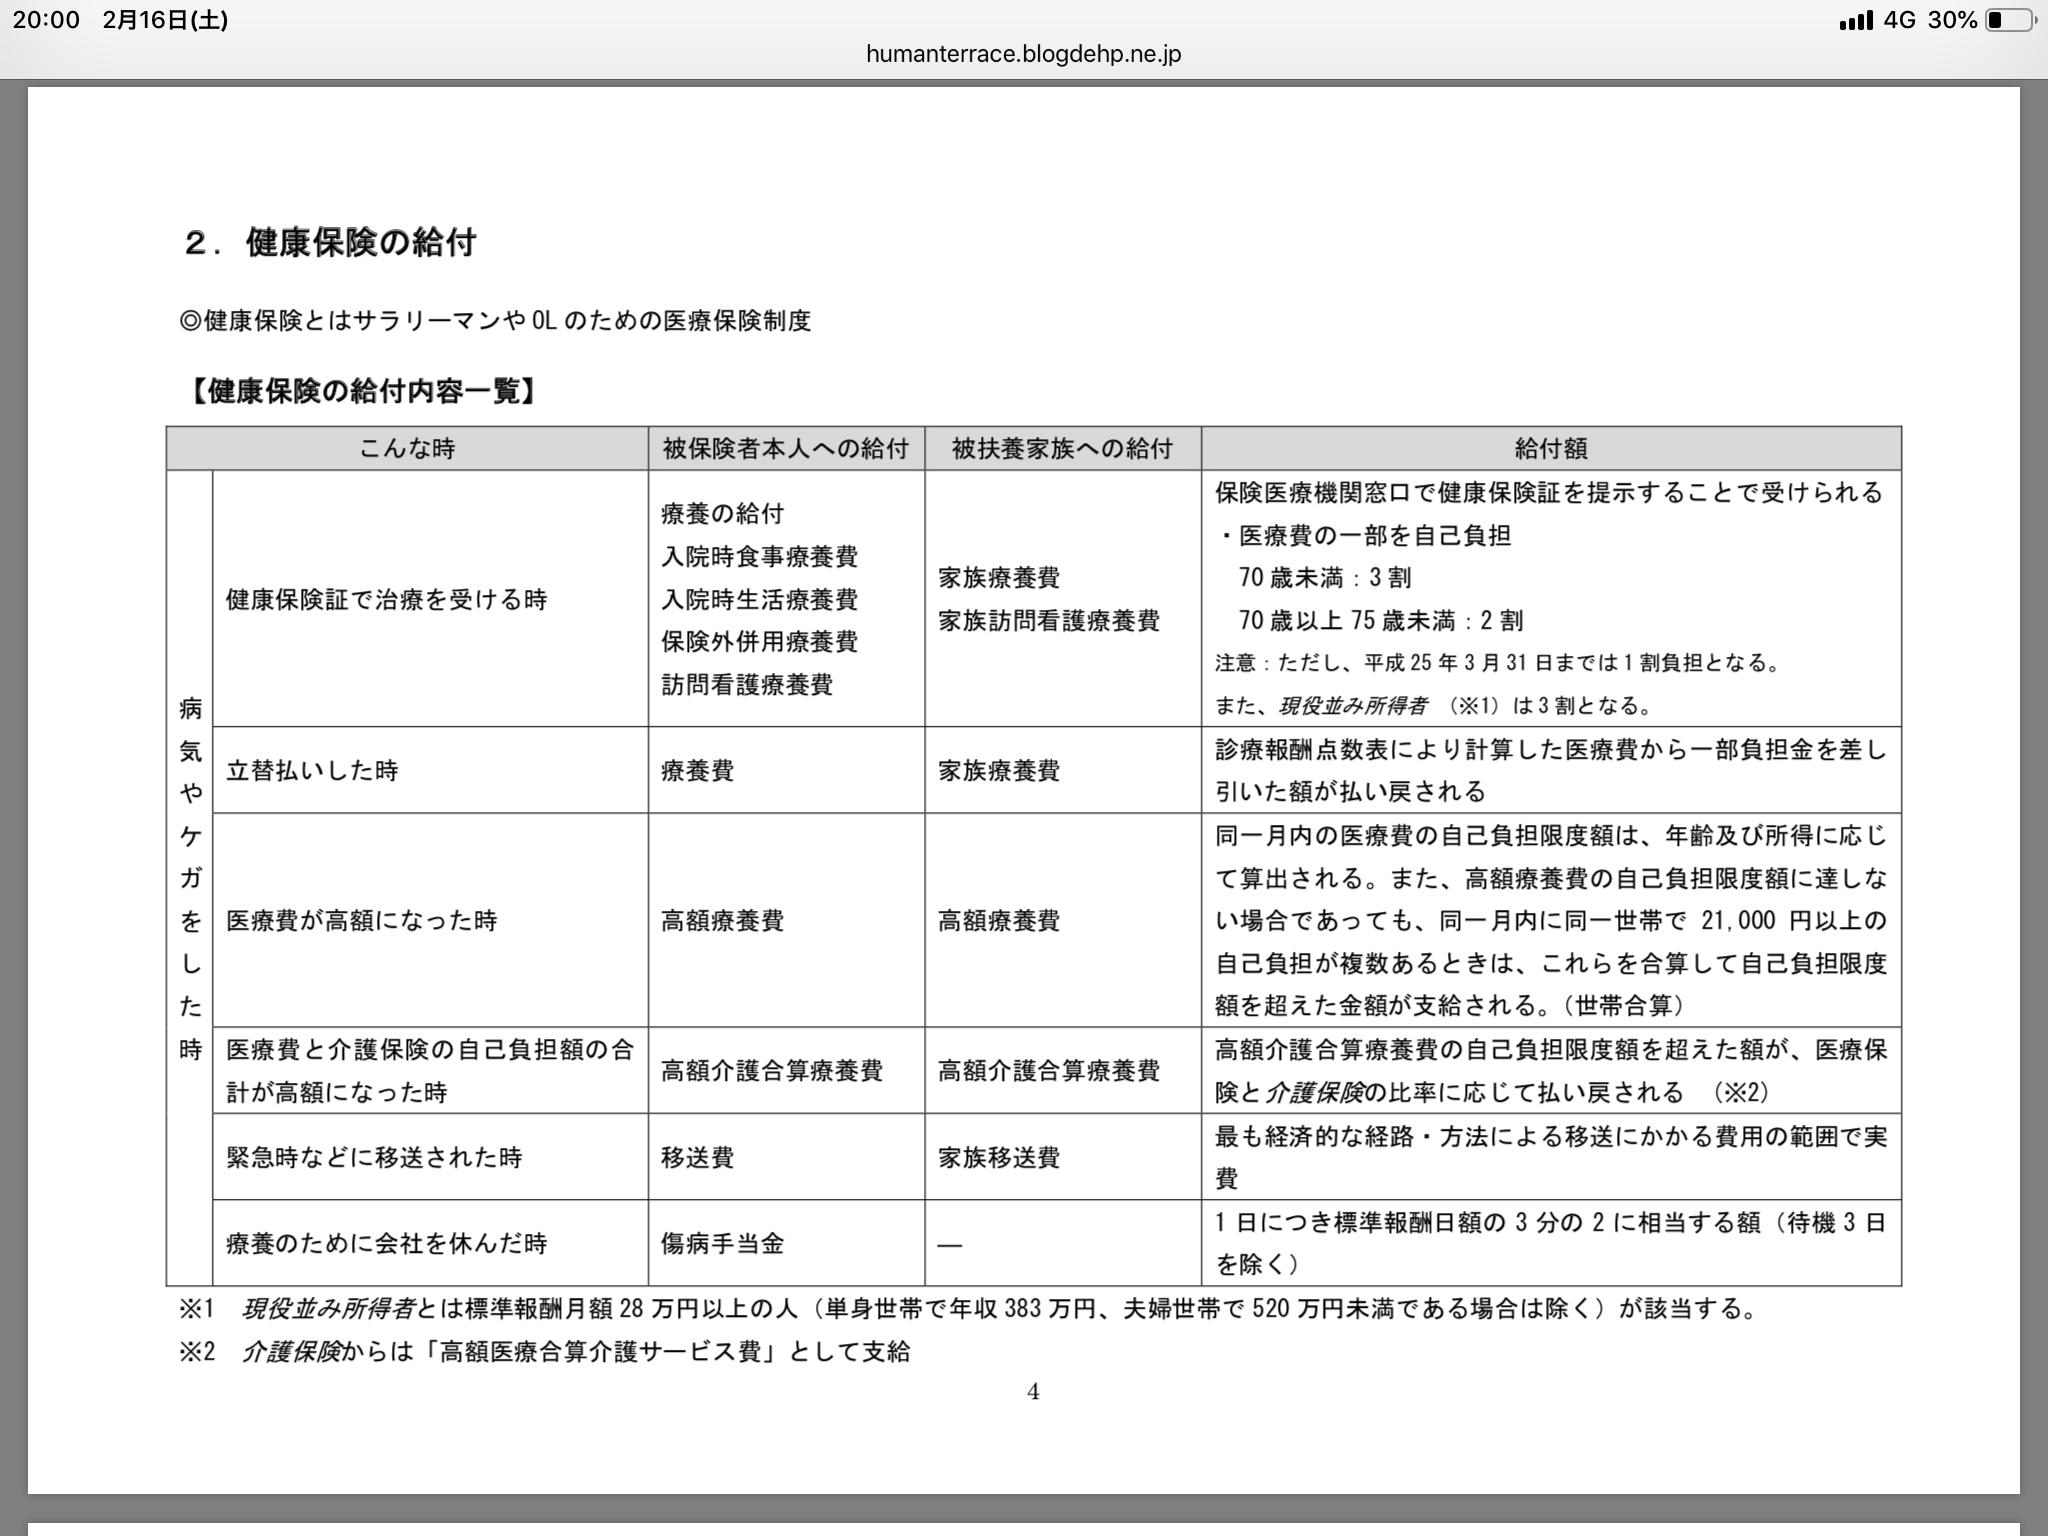 2DD3FD28-9D50-46CE-87A1-6B8DBB3FF161